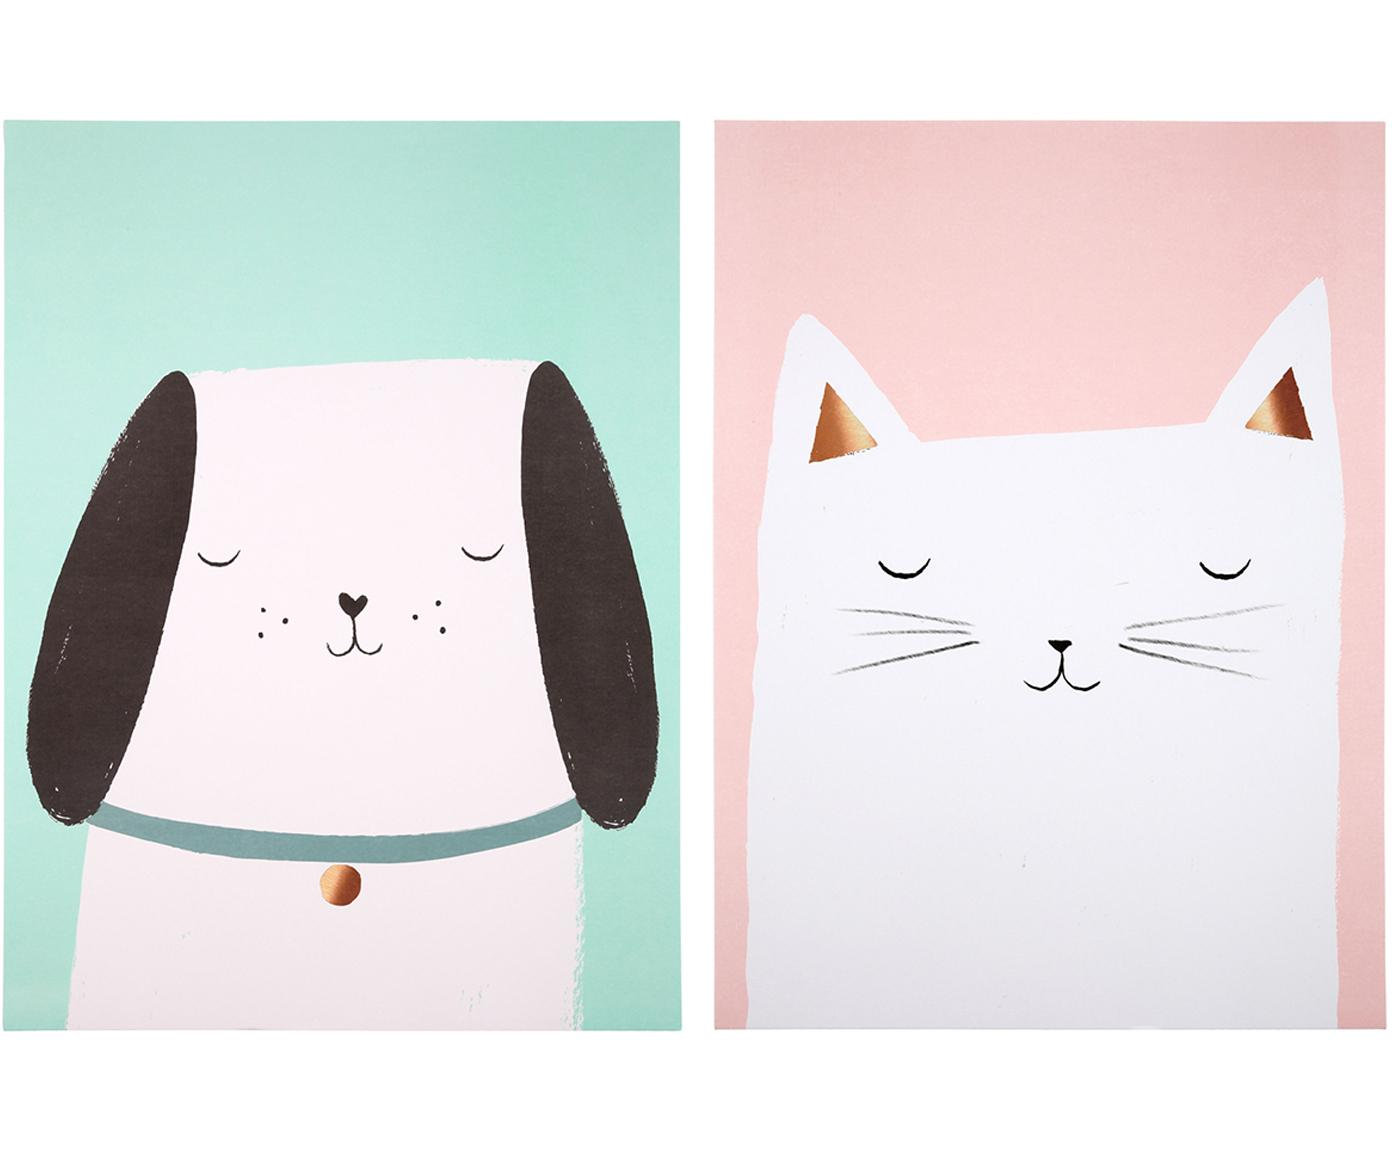 Komplet plakatów Cat & Dog, 2 elem., Druk cyfrowy na papierze, 200 g/m², Blady różowy, zielony, biały, czarny, S 31 x W 41 cm